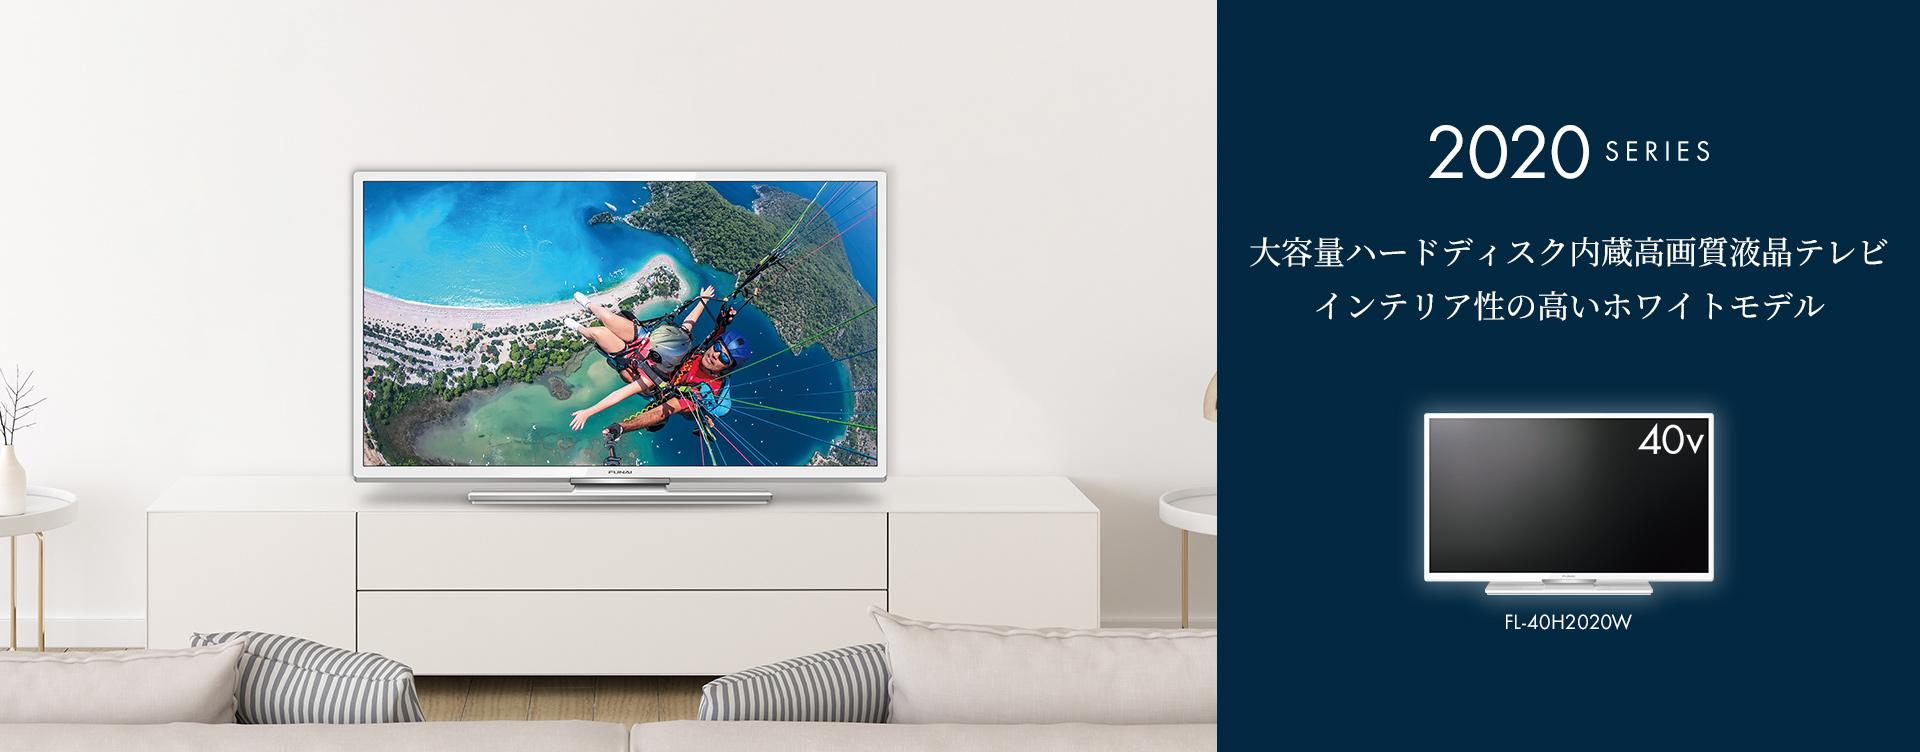 テレビ|FUNAI製品情報